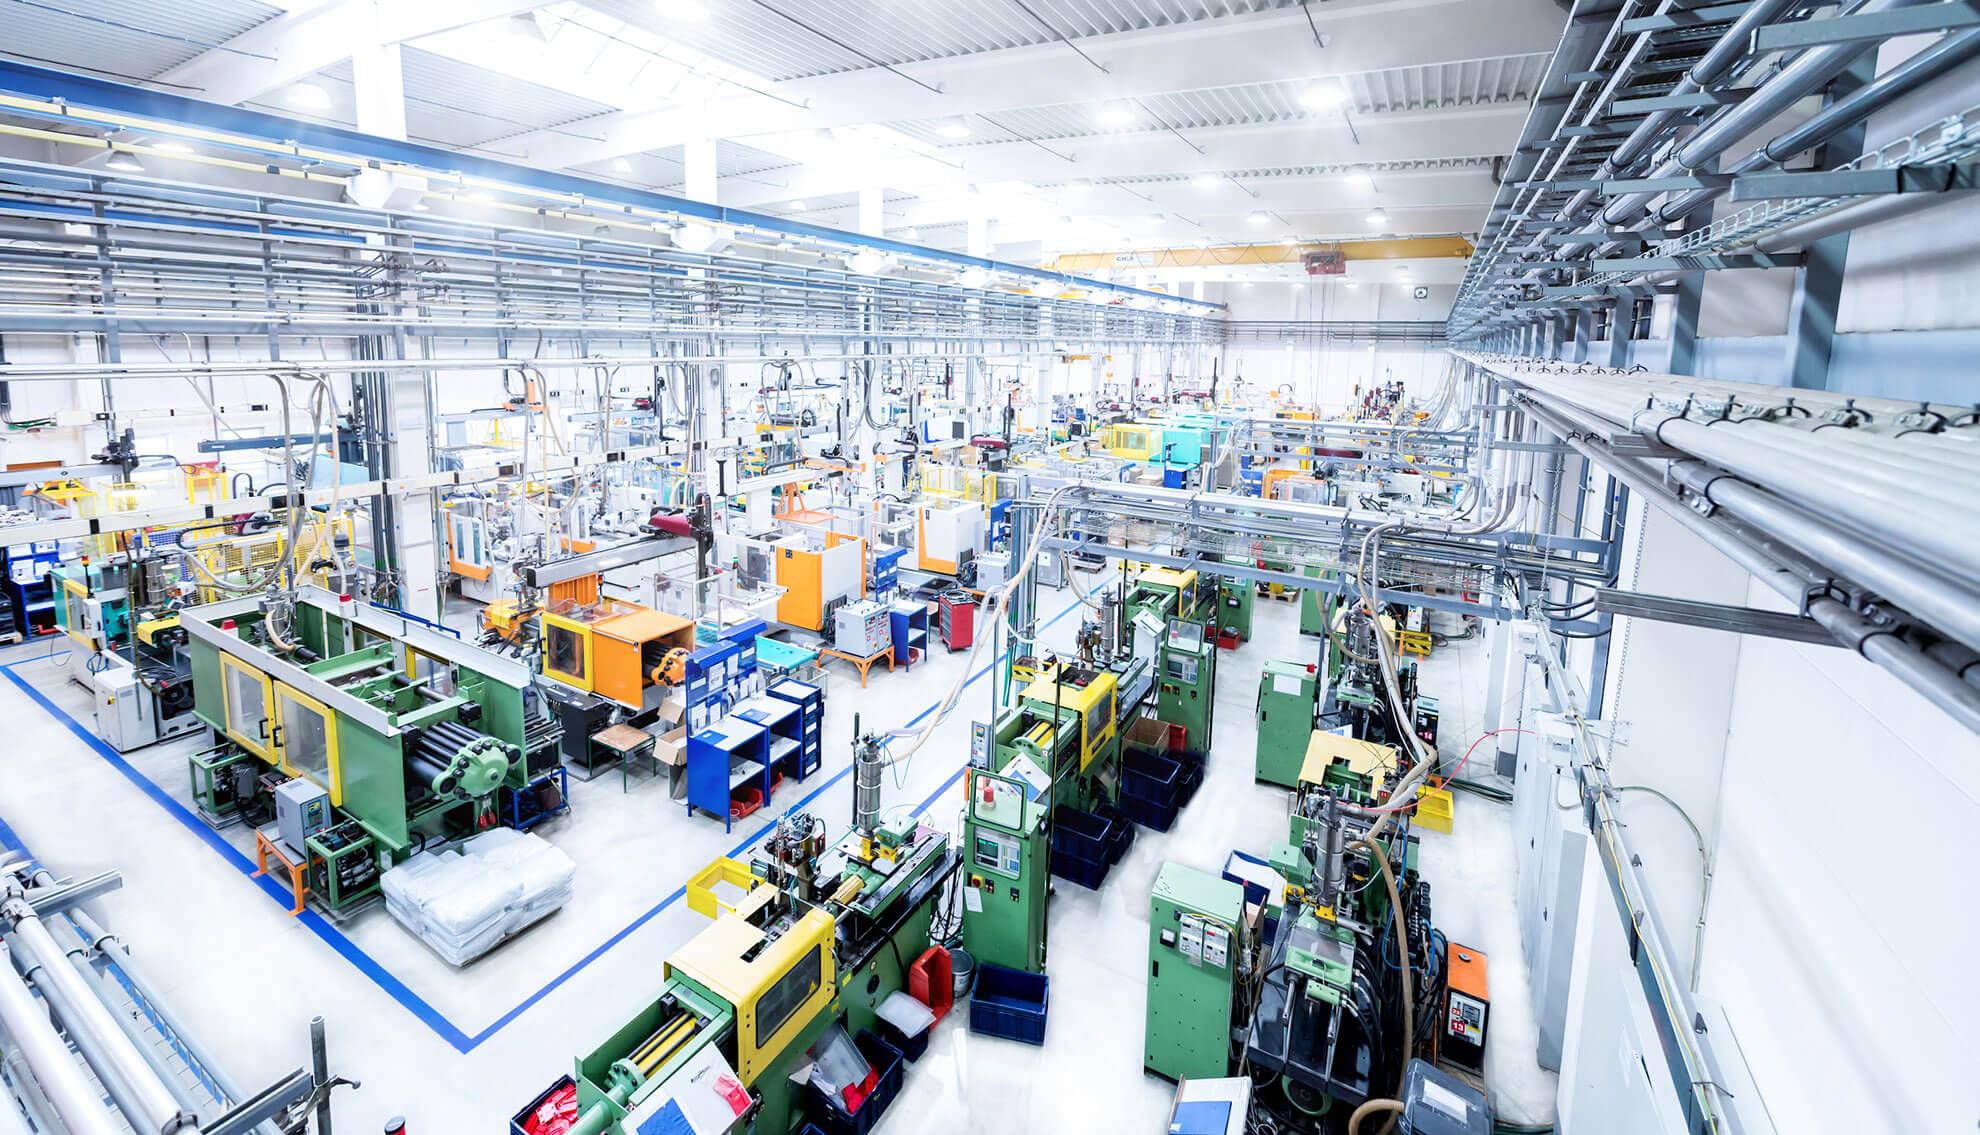 Monitoraggio energetico in produzione